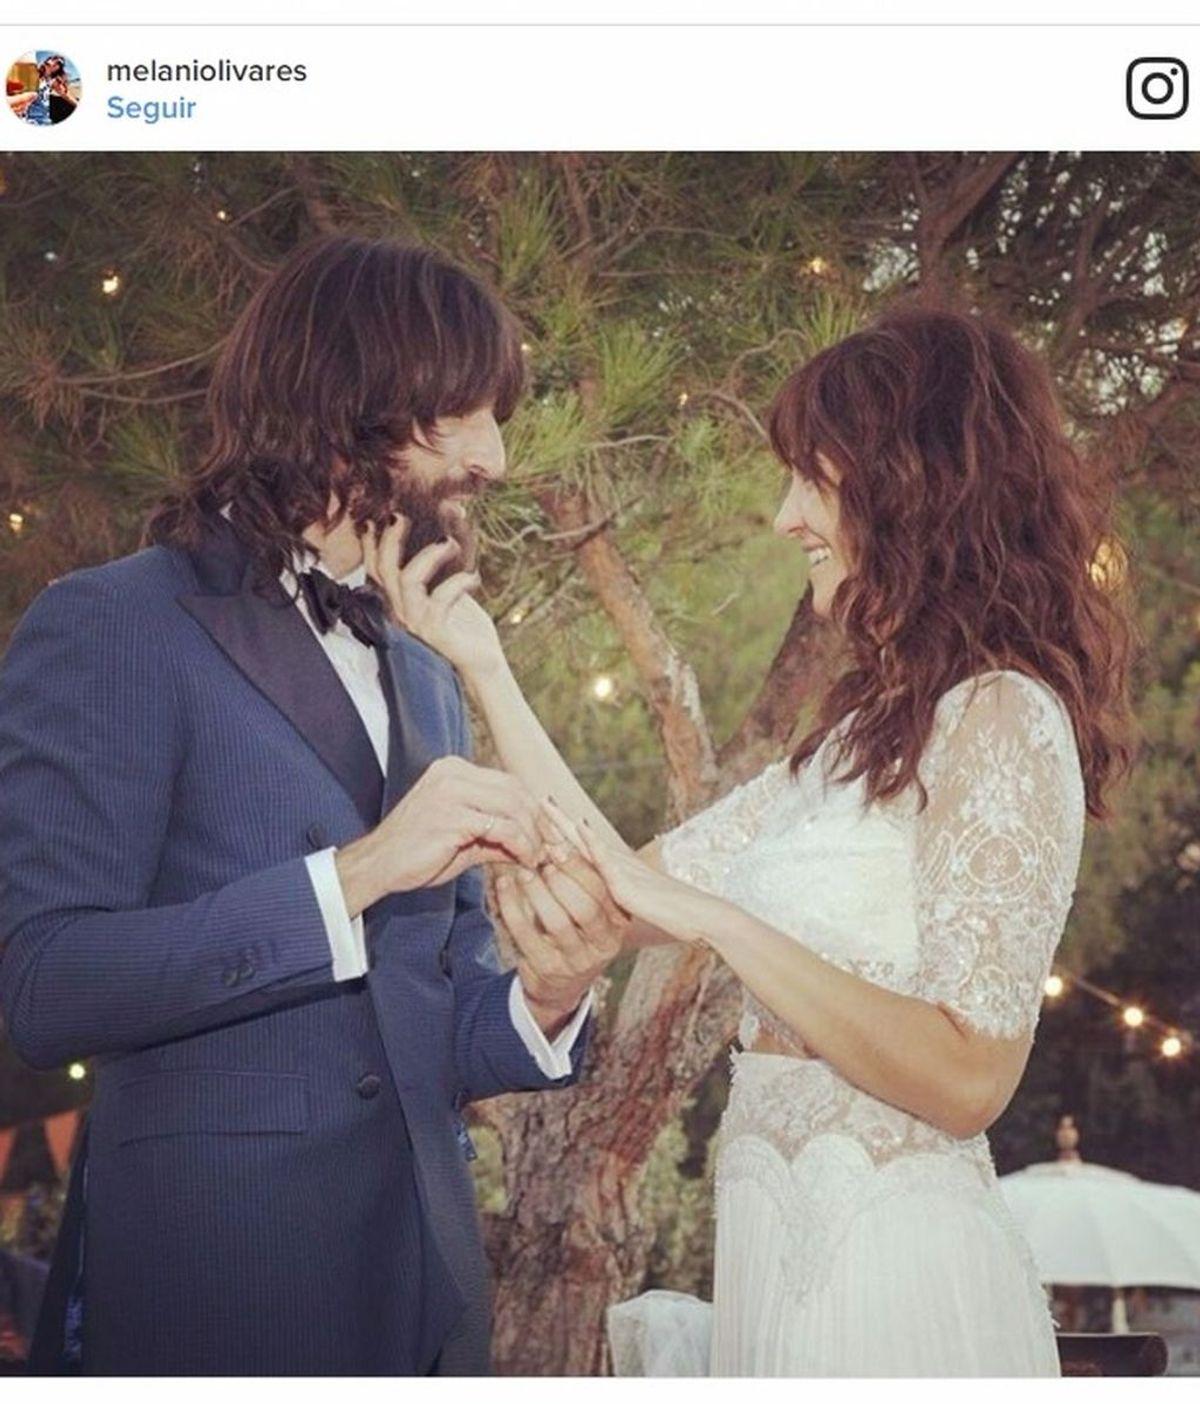 Estilo hippie-chic y mucha complicidad: Melani Olivares comparte foto de su boda